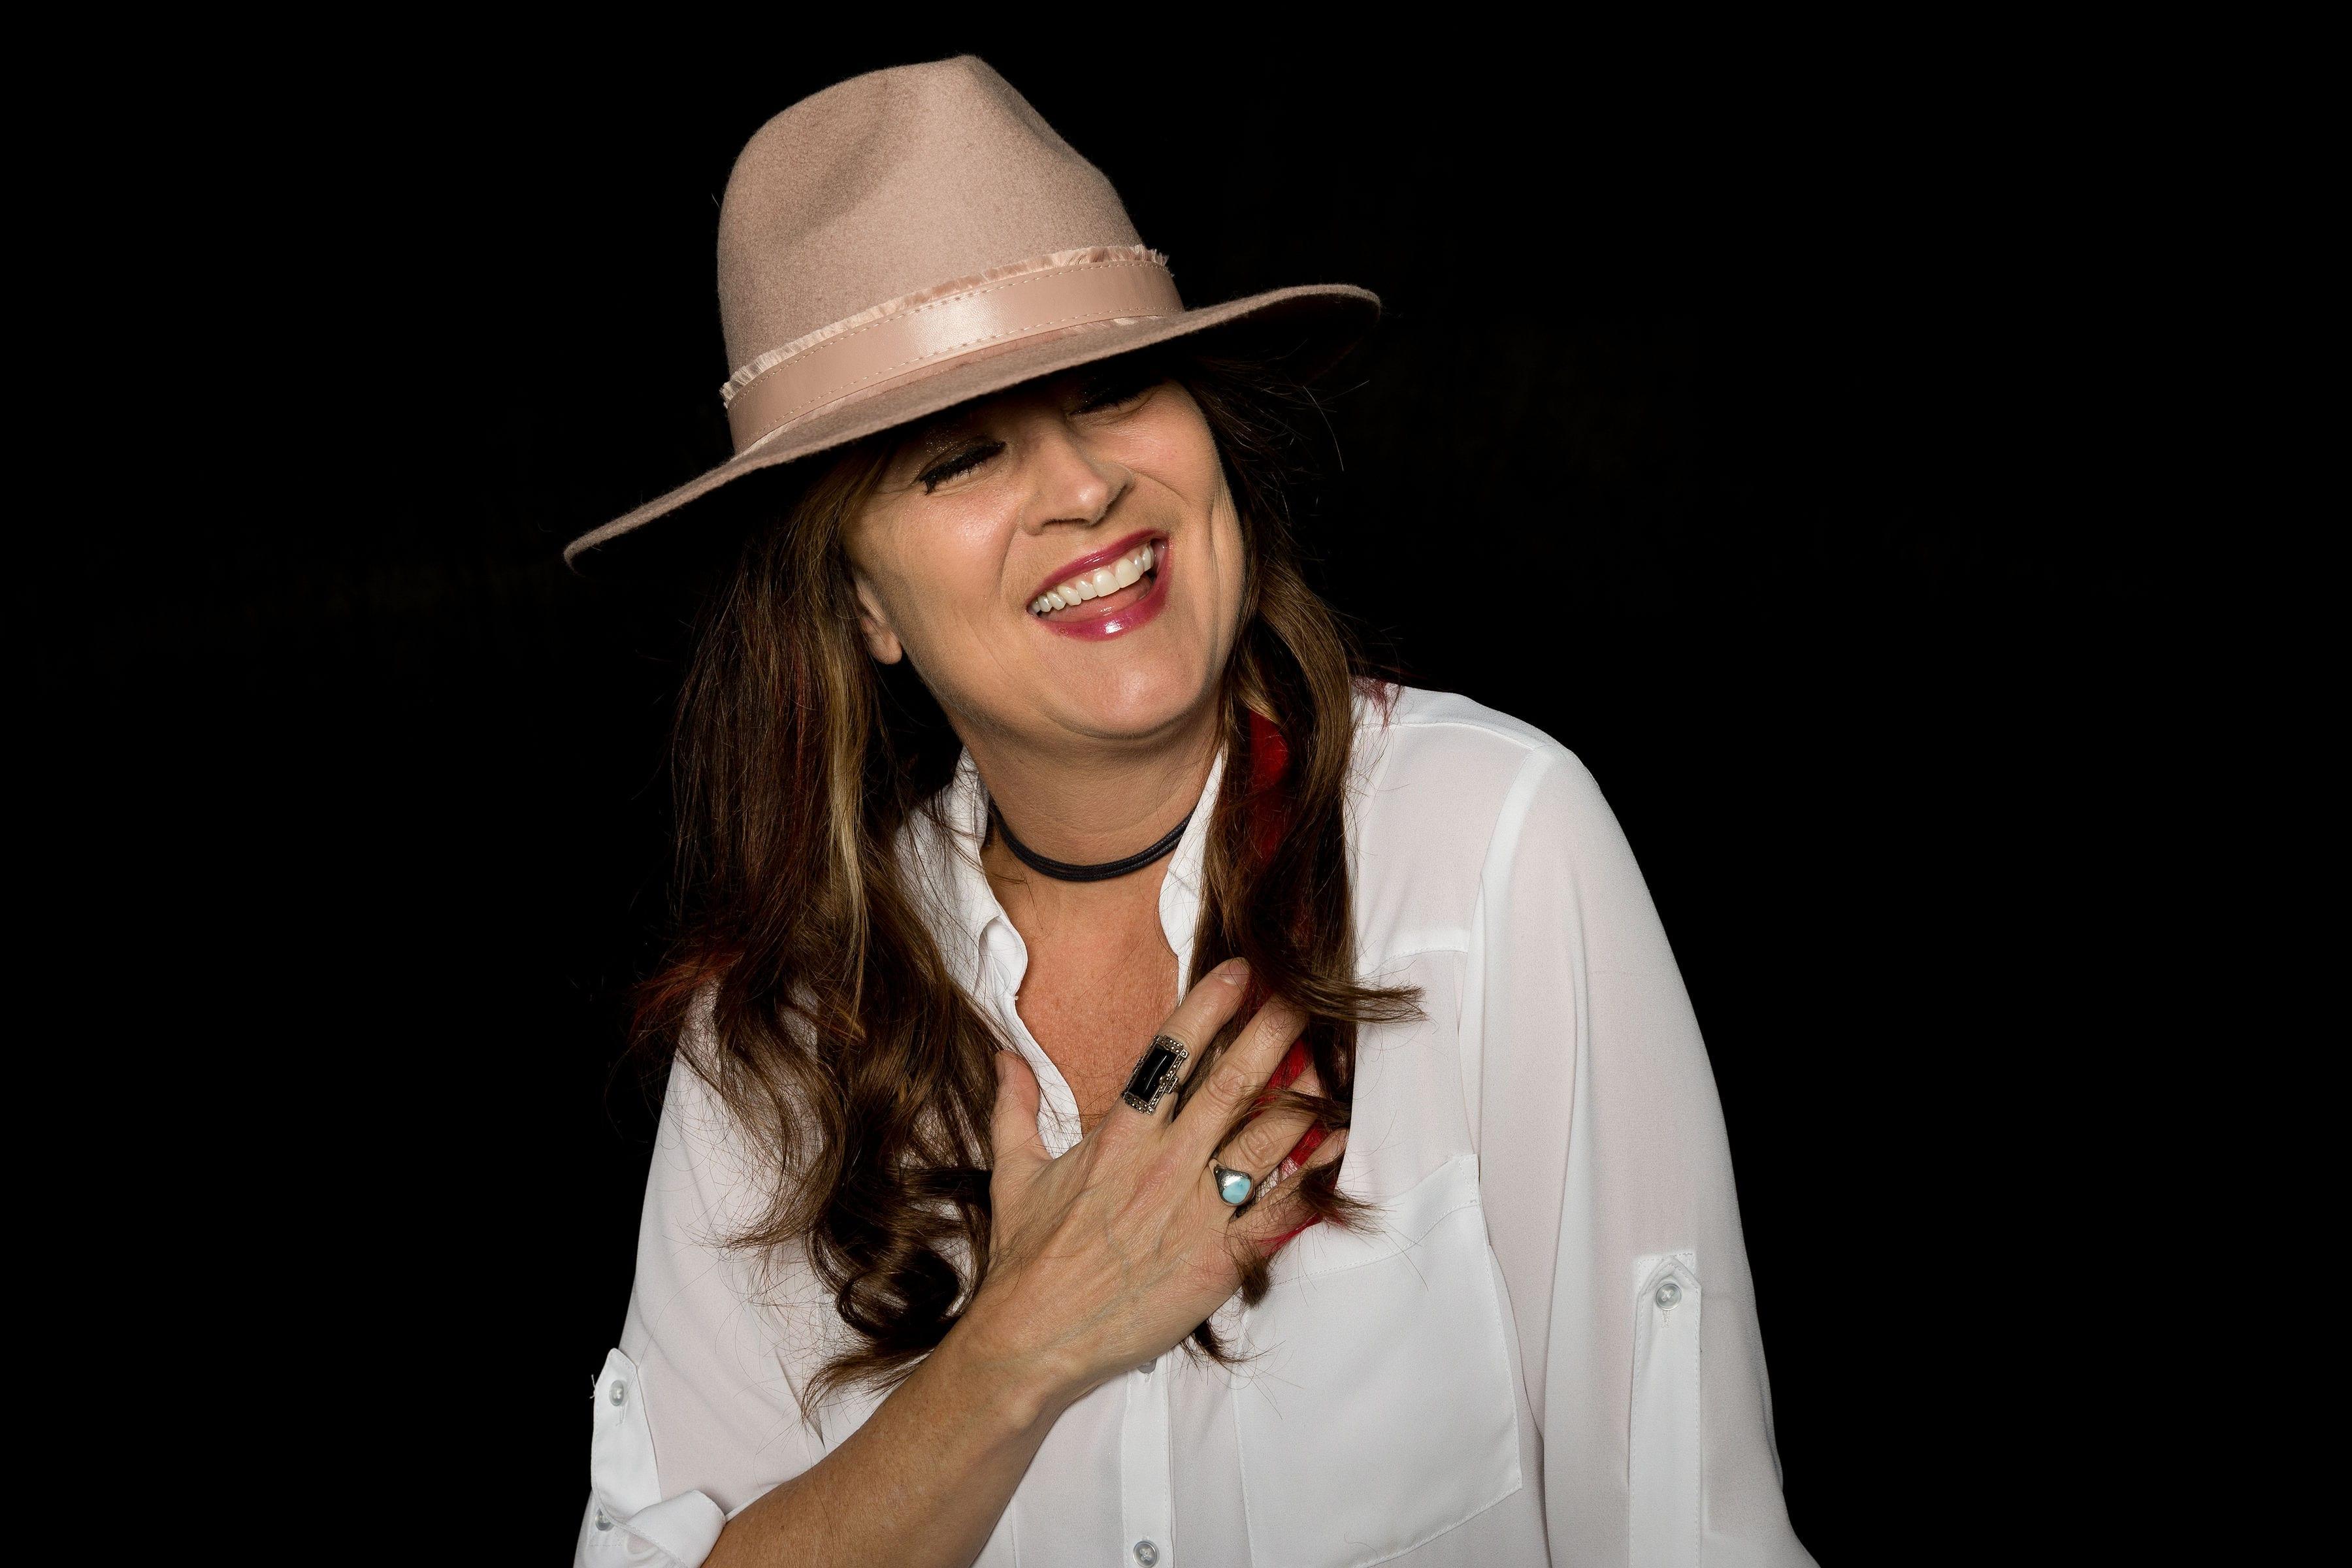 Victoria Venier